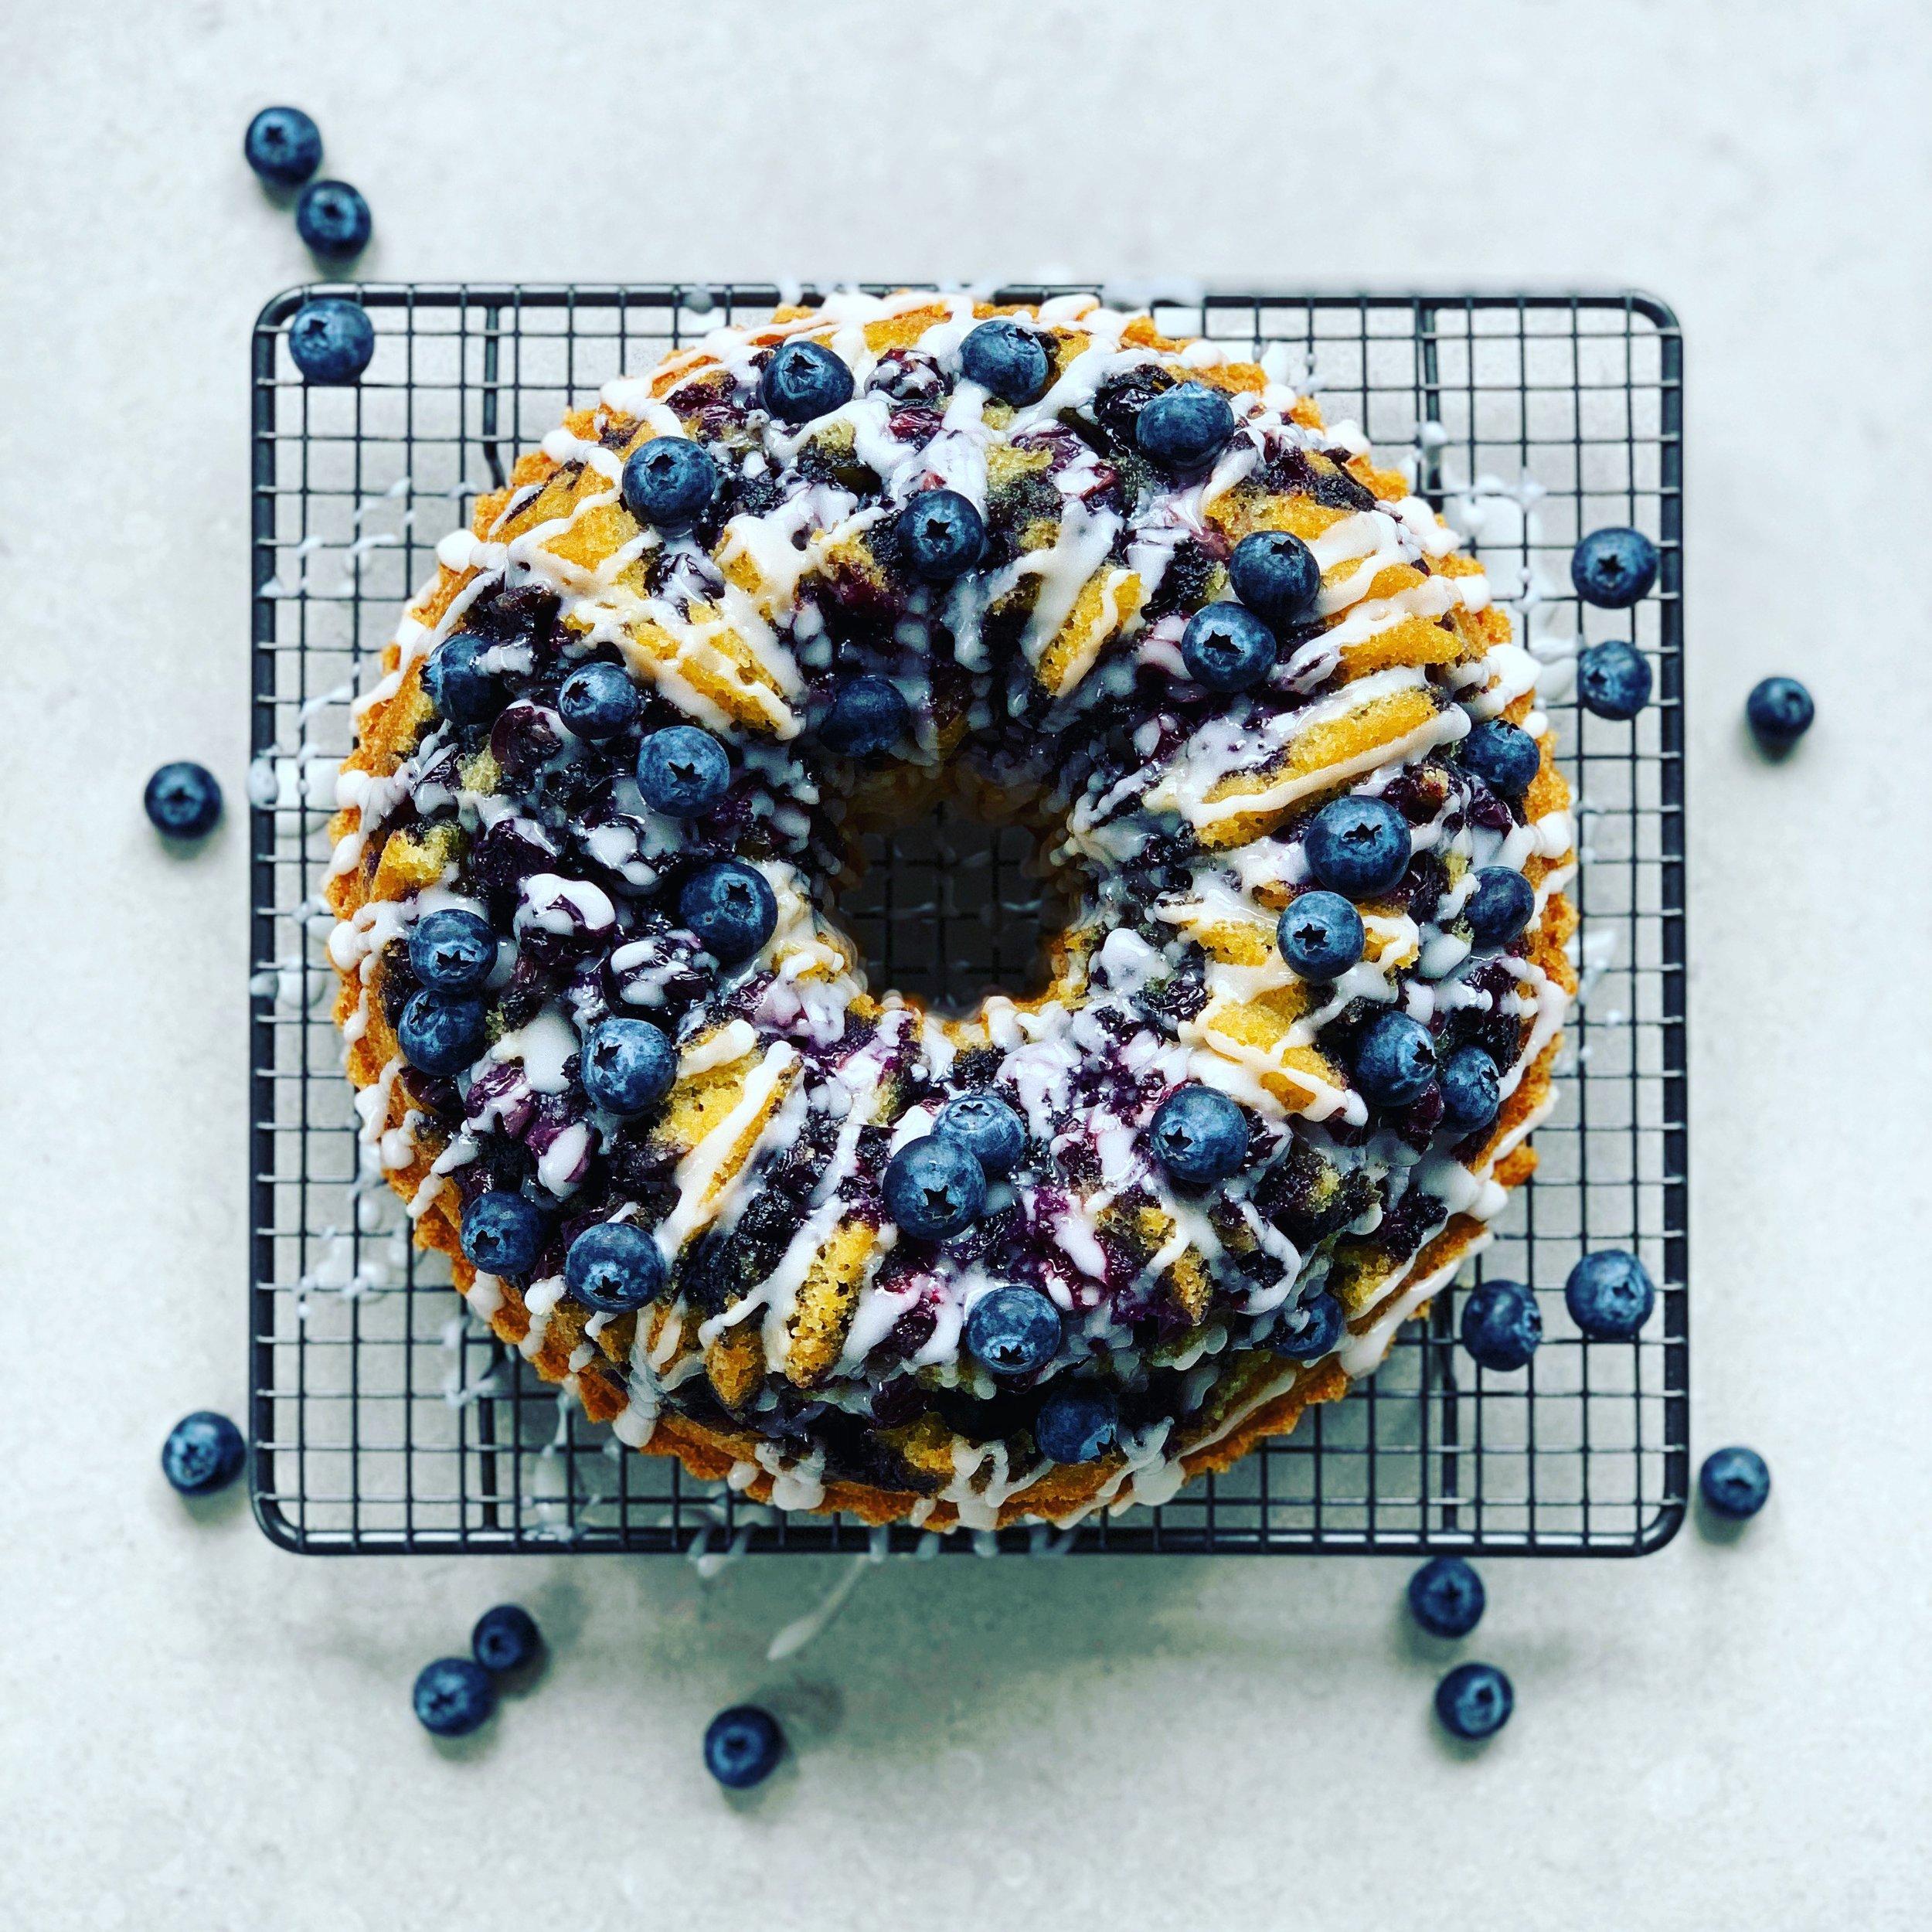 Lemon Blueberry Bundt 04.JPG